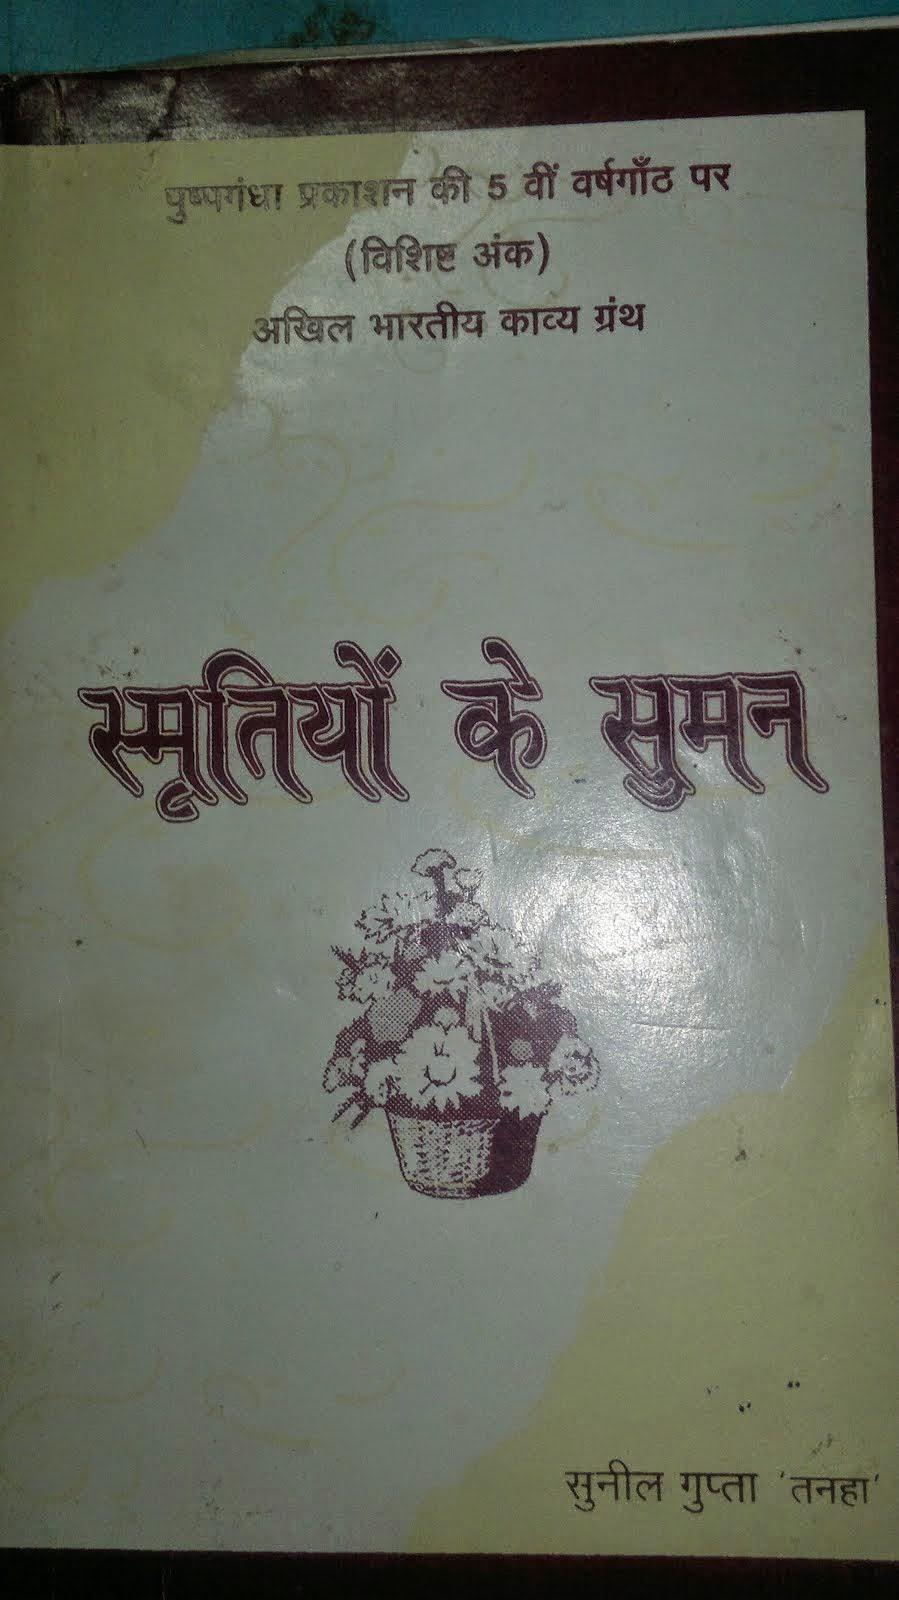 स्मृतियों के सुमन (अखिल भारतीय काव्य संकलन )